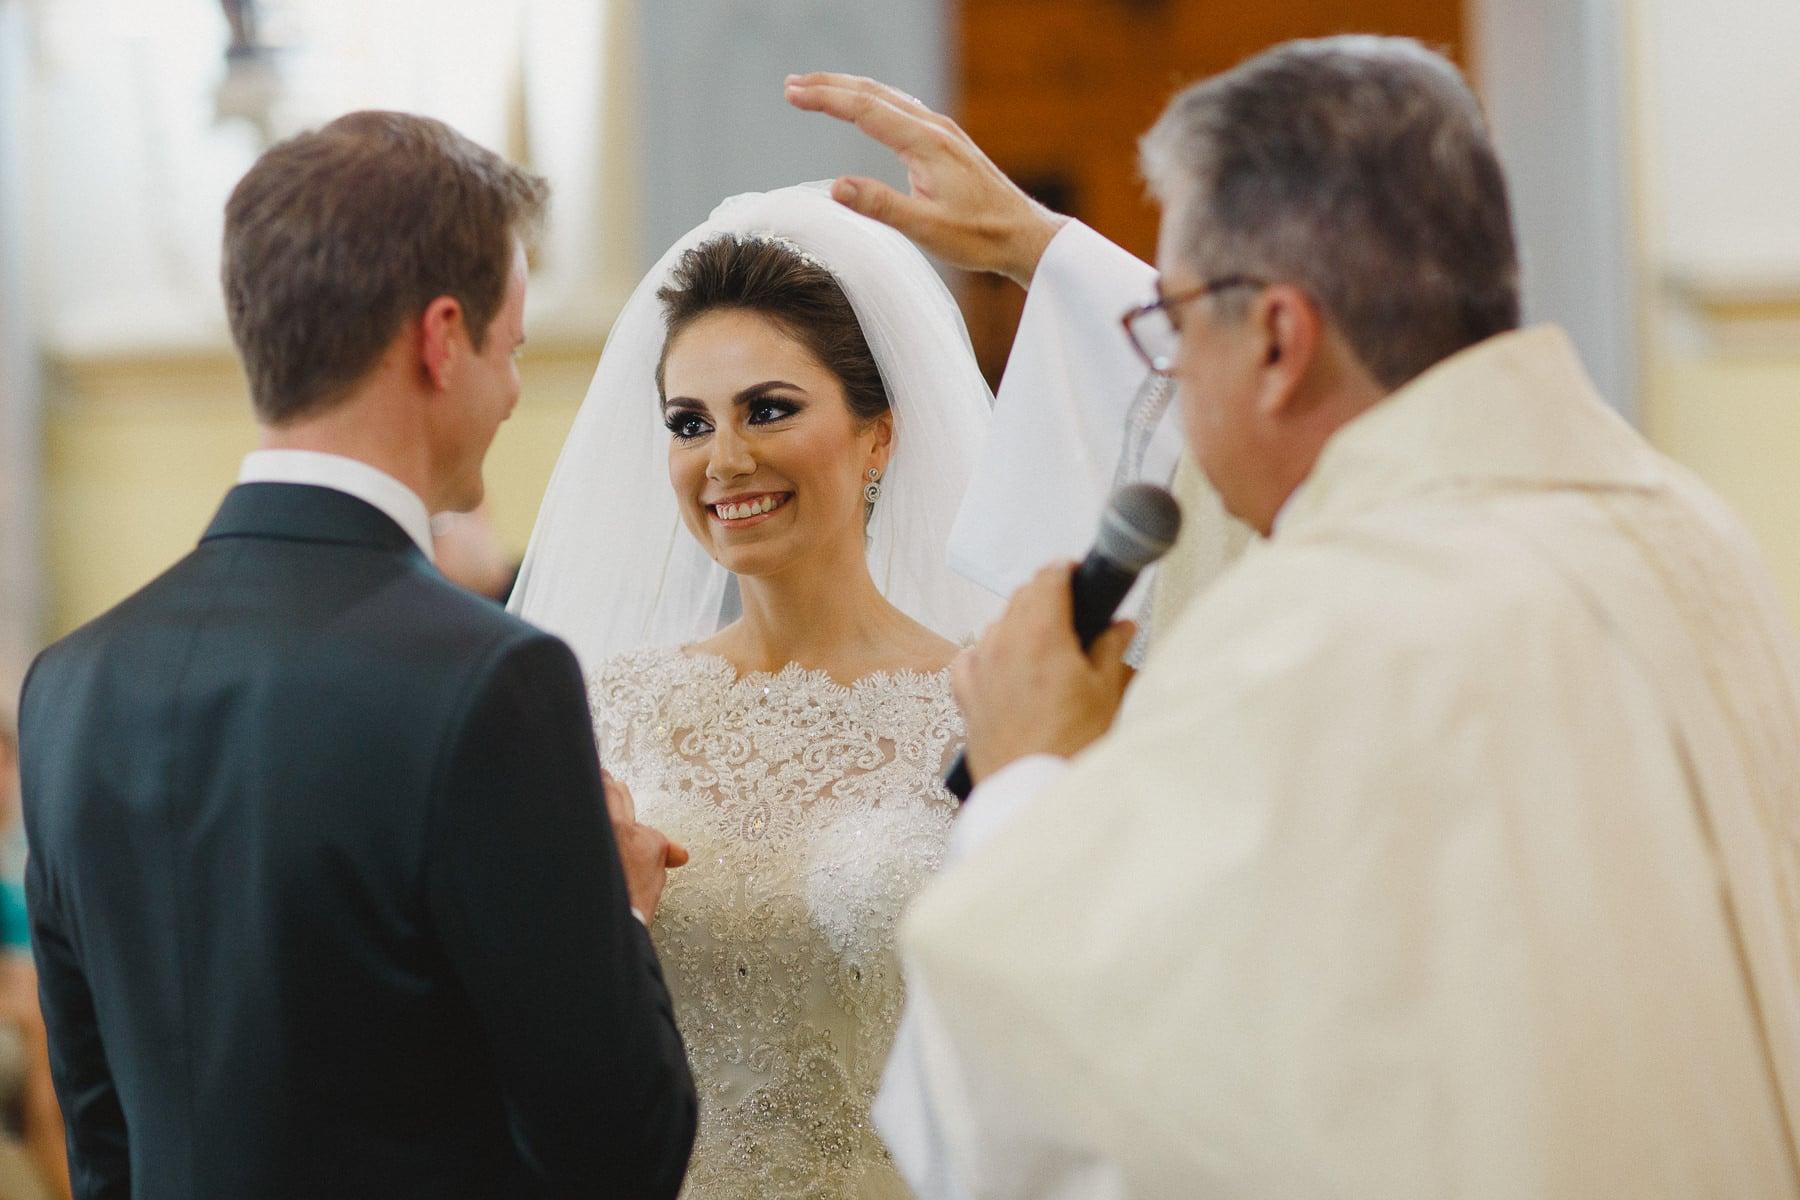 casamento-igreja-do-pequeno-grande-29